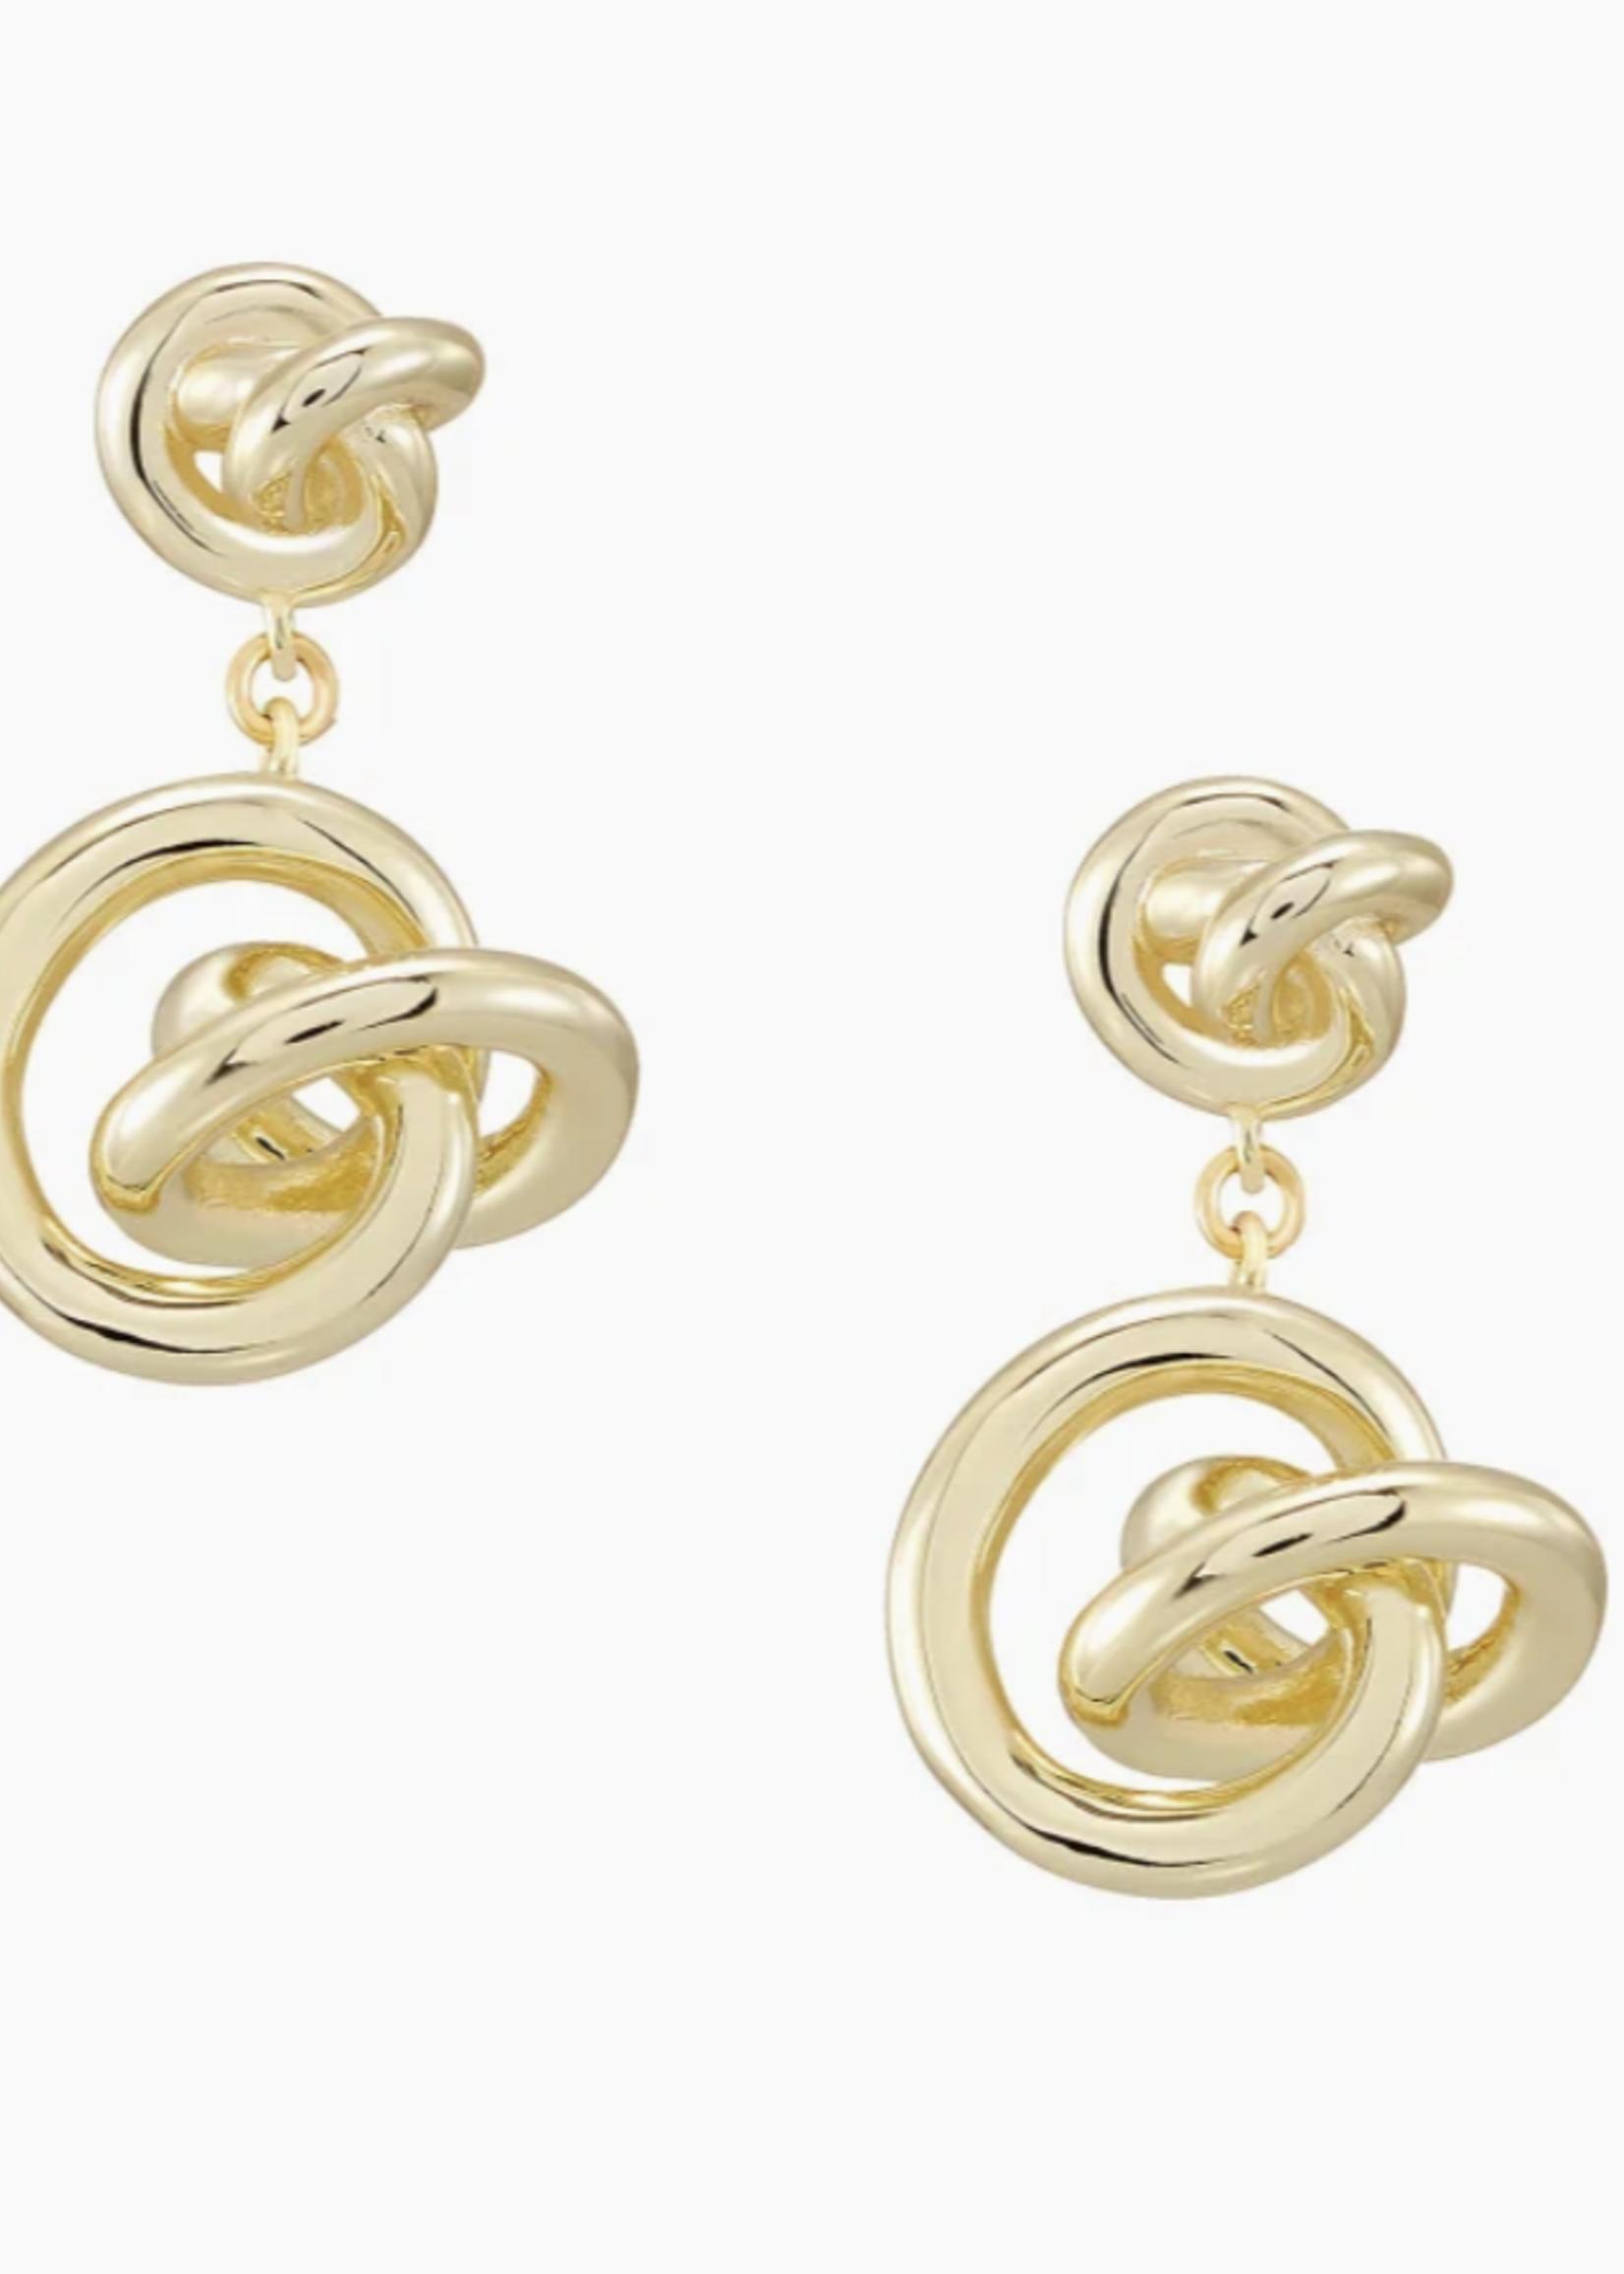 Kendra Scott Presleigh Gold Drop Earrings